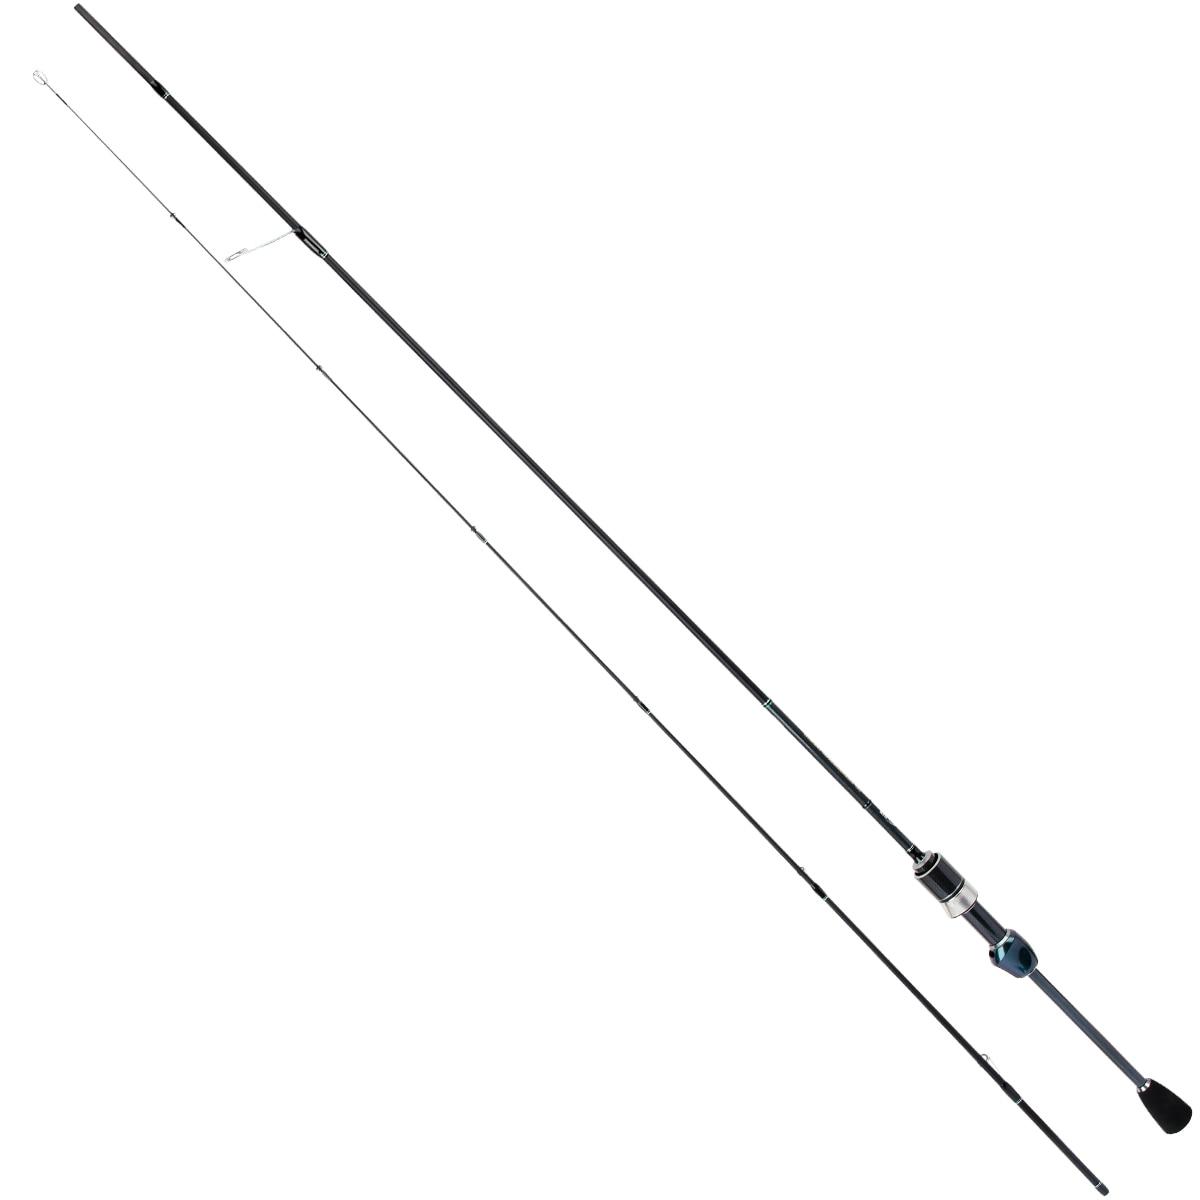 цены Tsurinoya 6'2